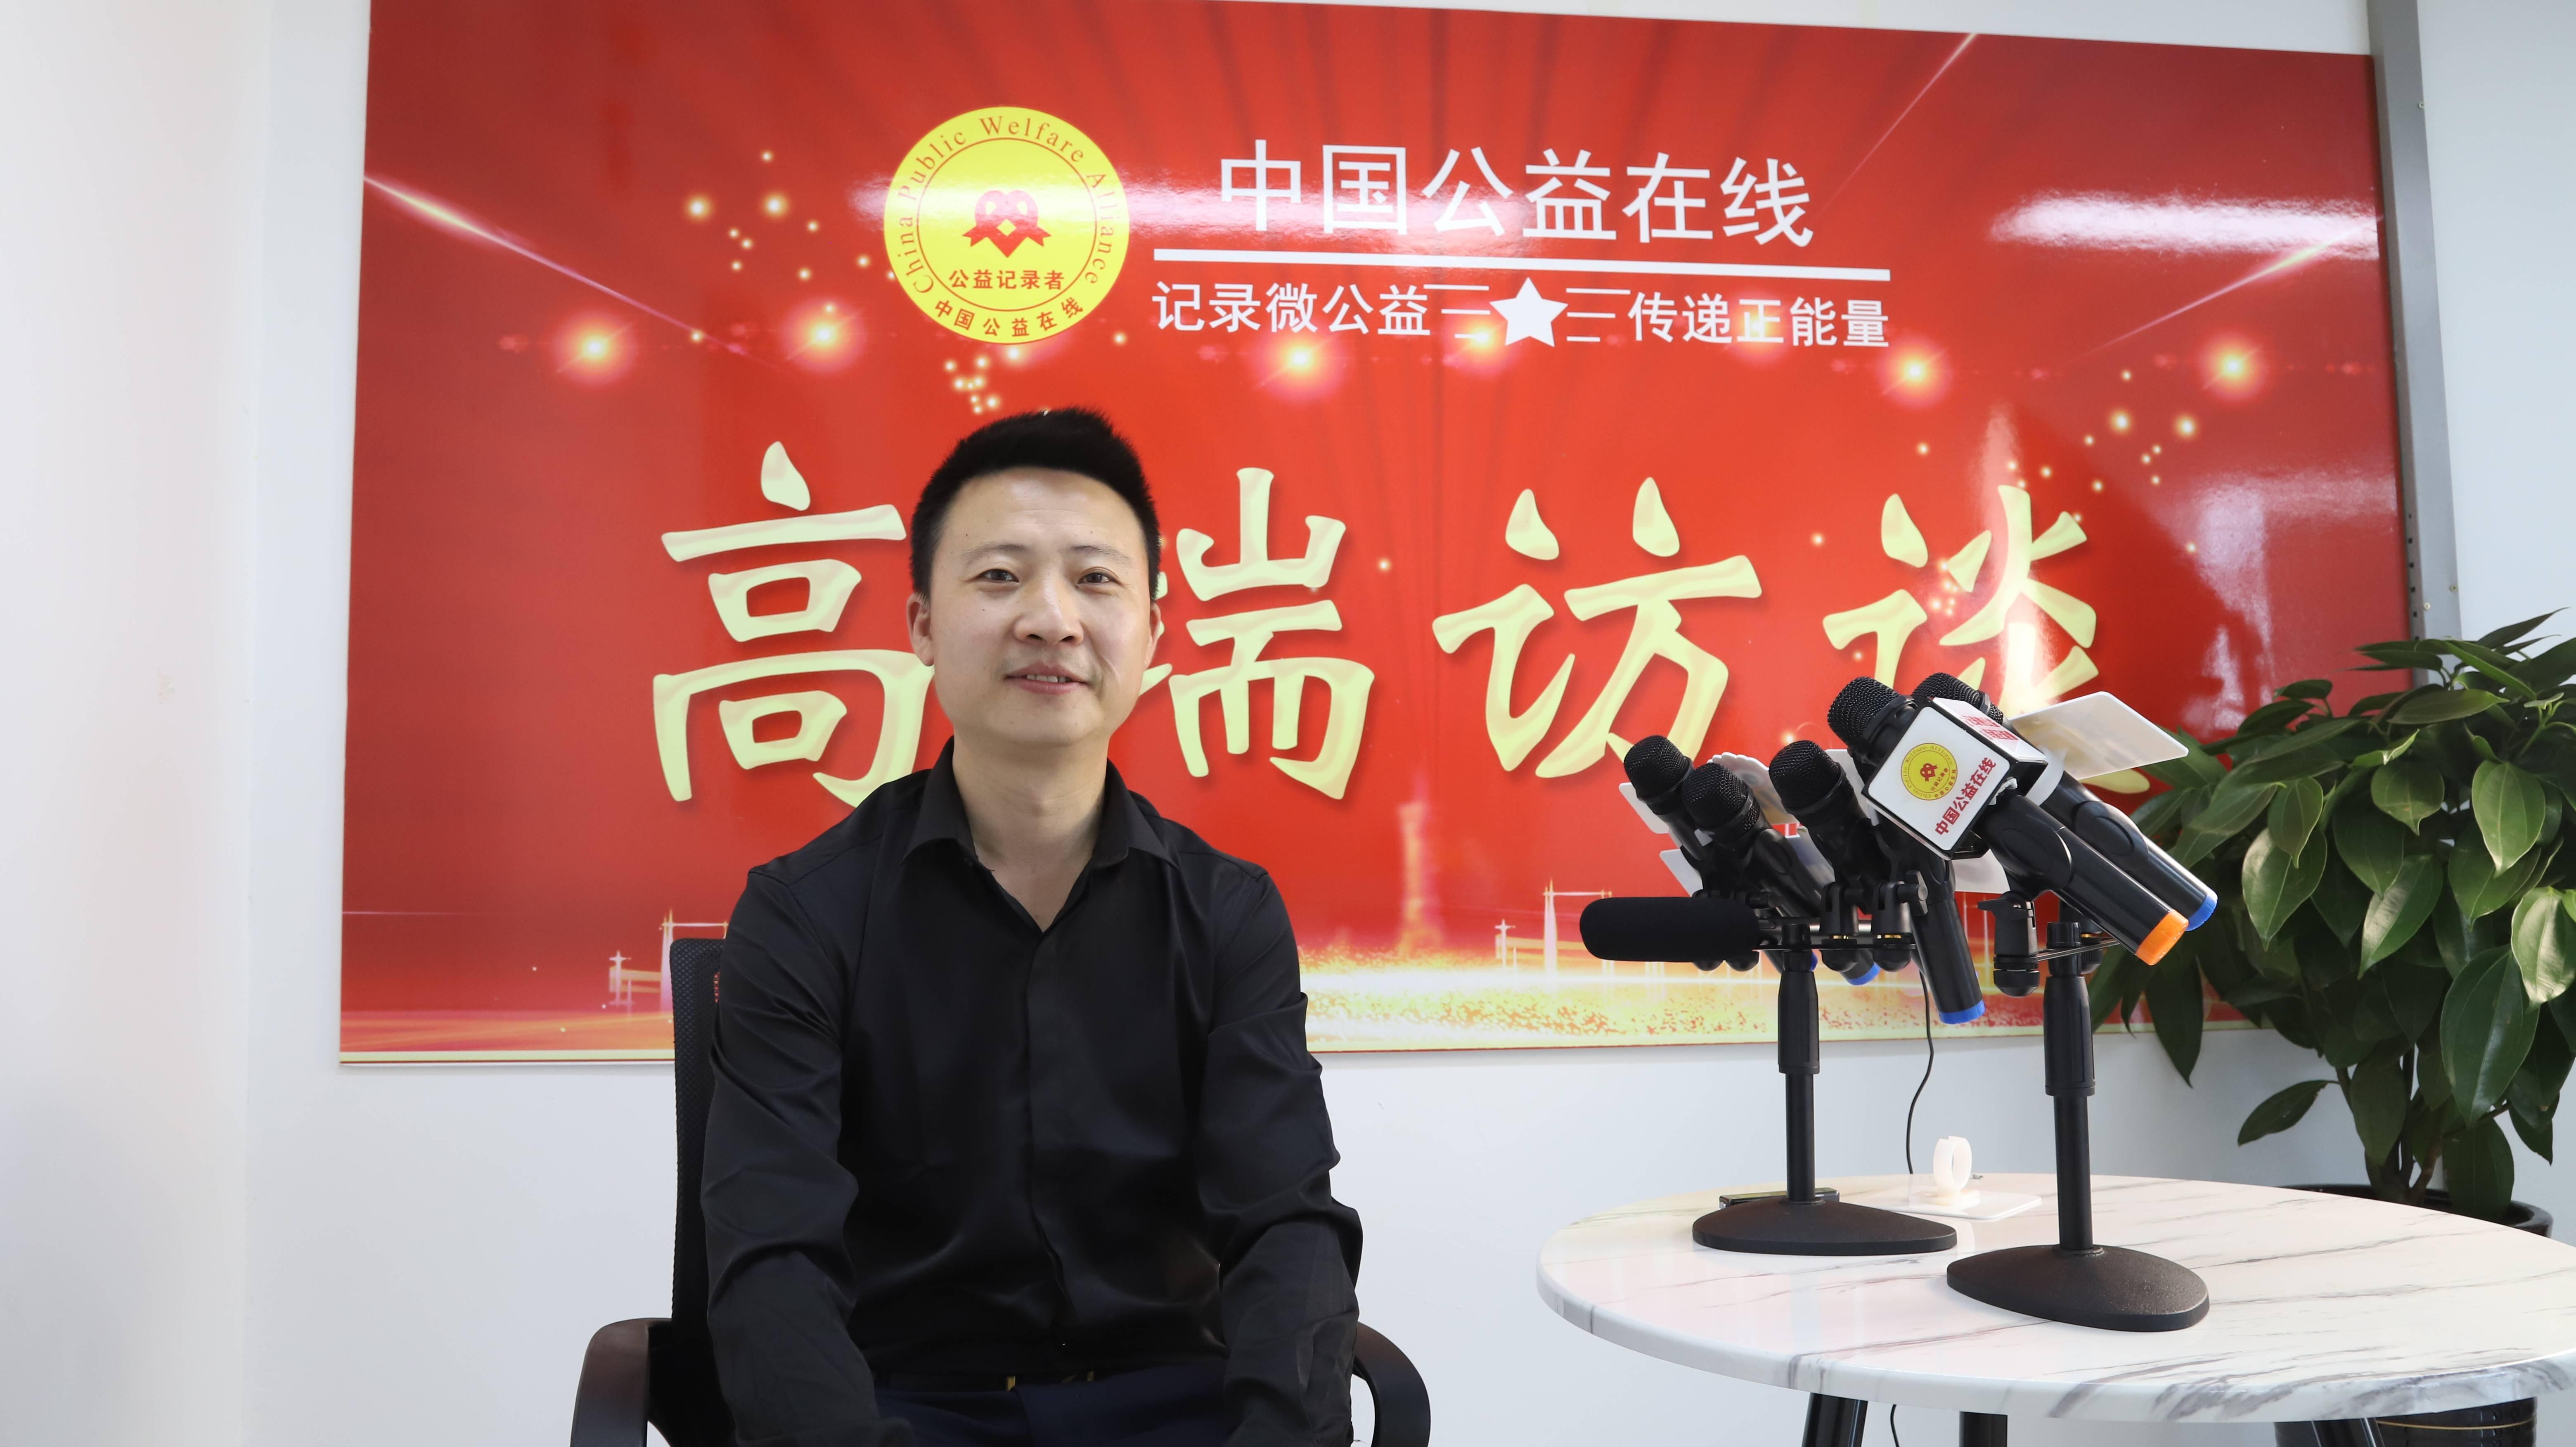 访谈:中国科技部基层科普带头人——朱博 博士